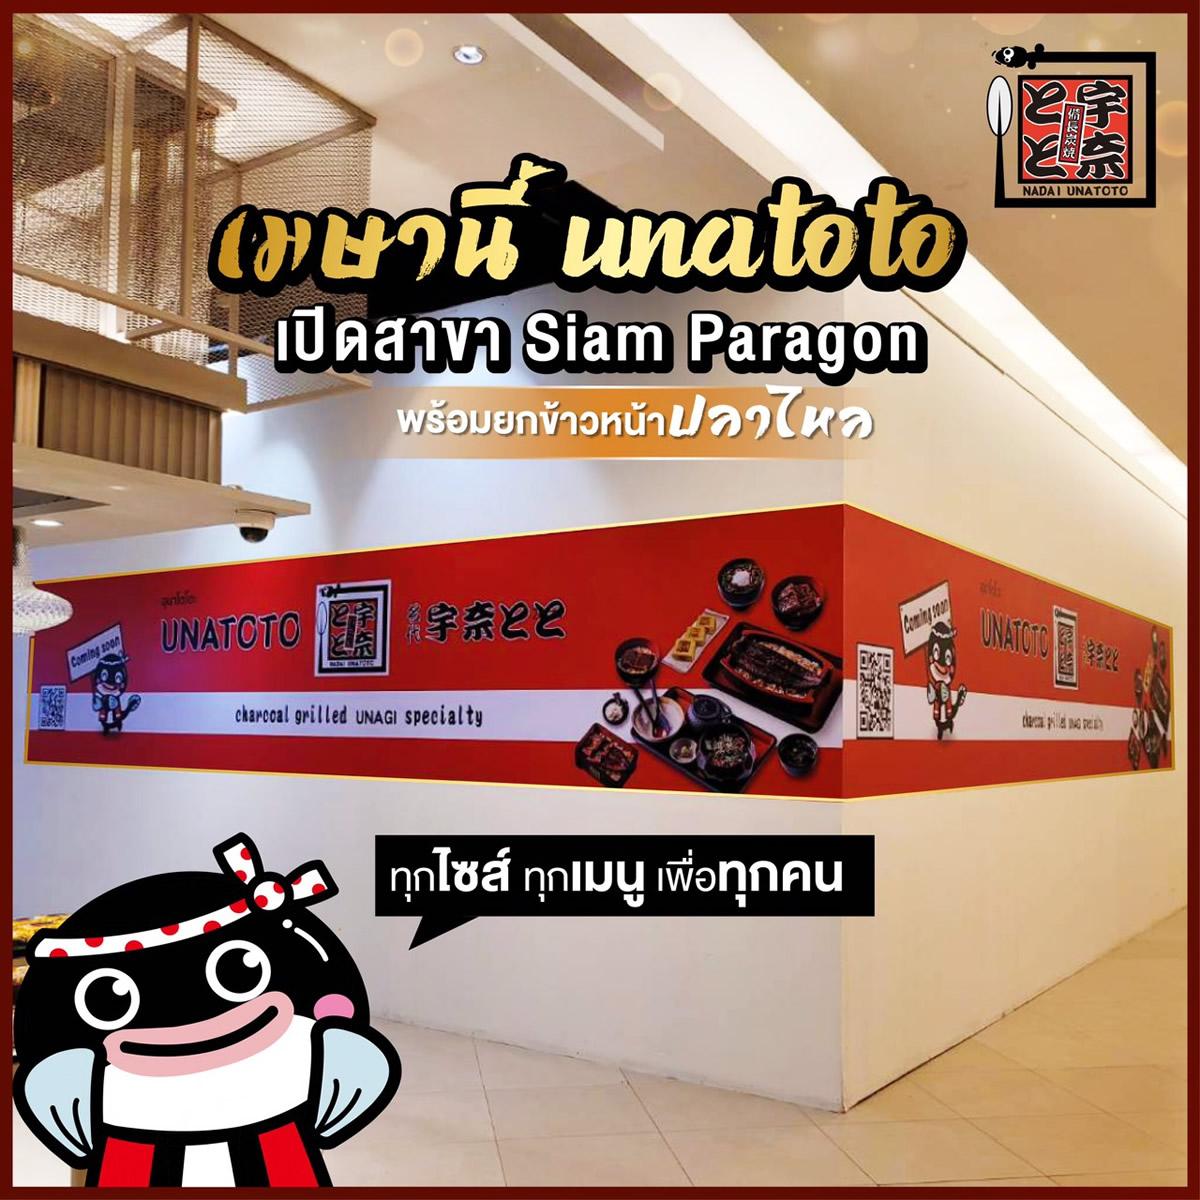 うなぎ専門店「名代 宇奈とと」サイアムパラゴン店が2021年4月上旬オープン